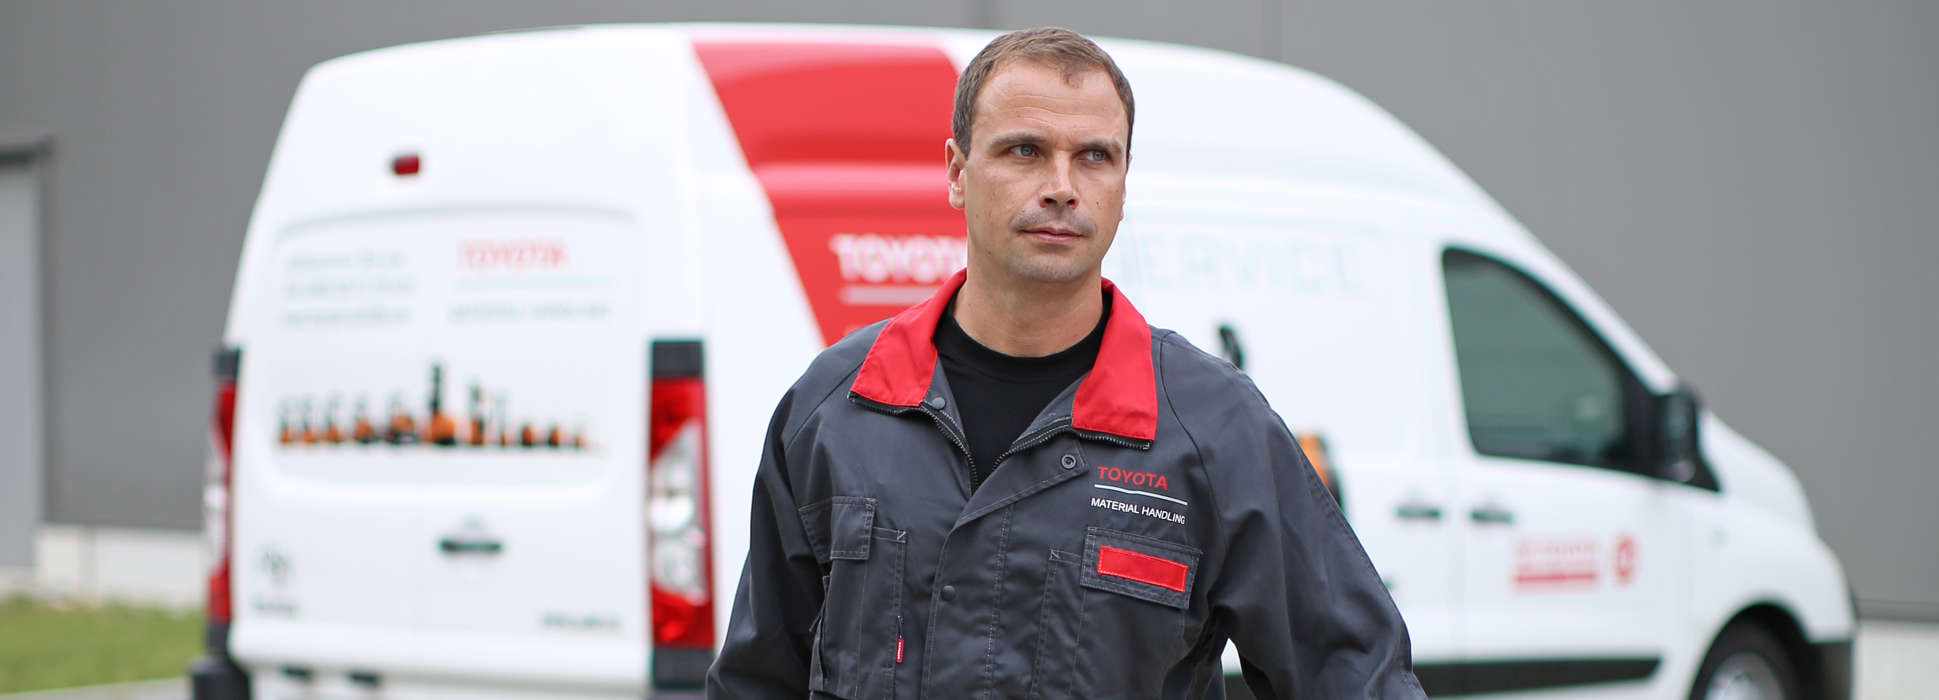 Service technician walking from service truck